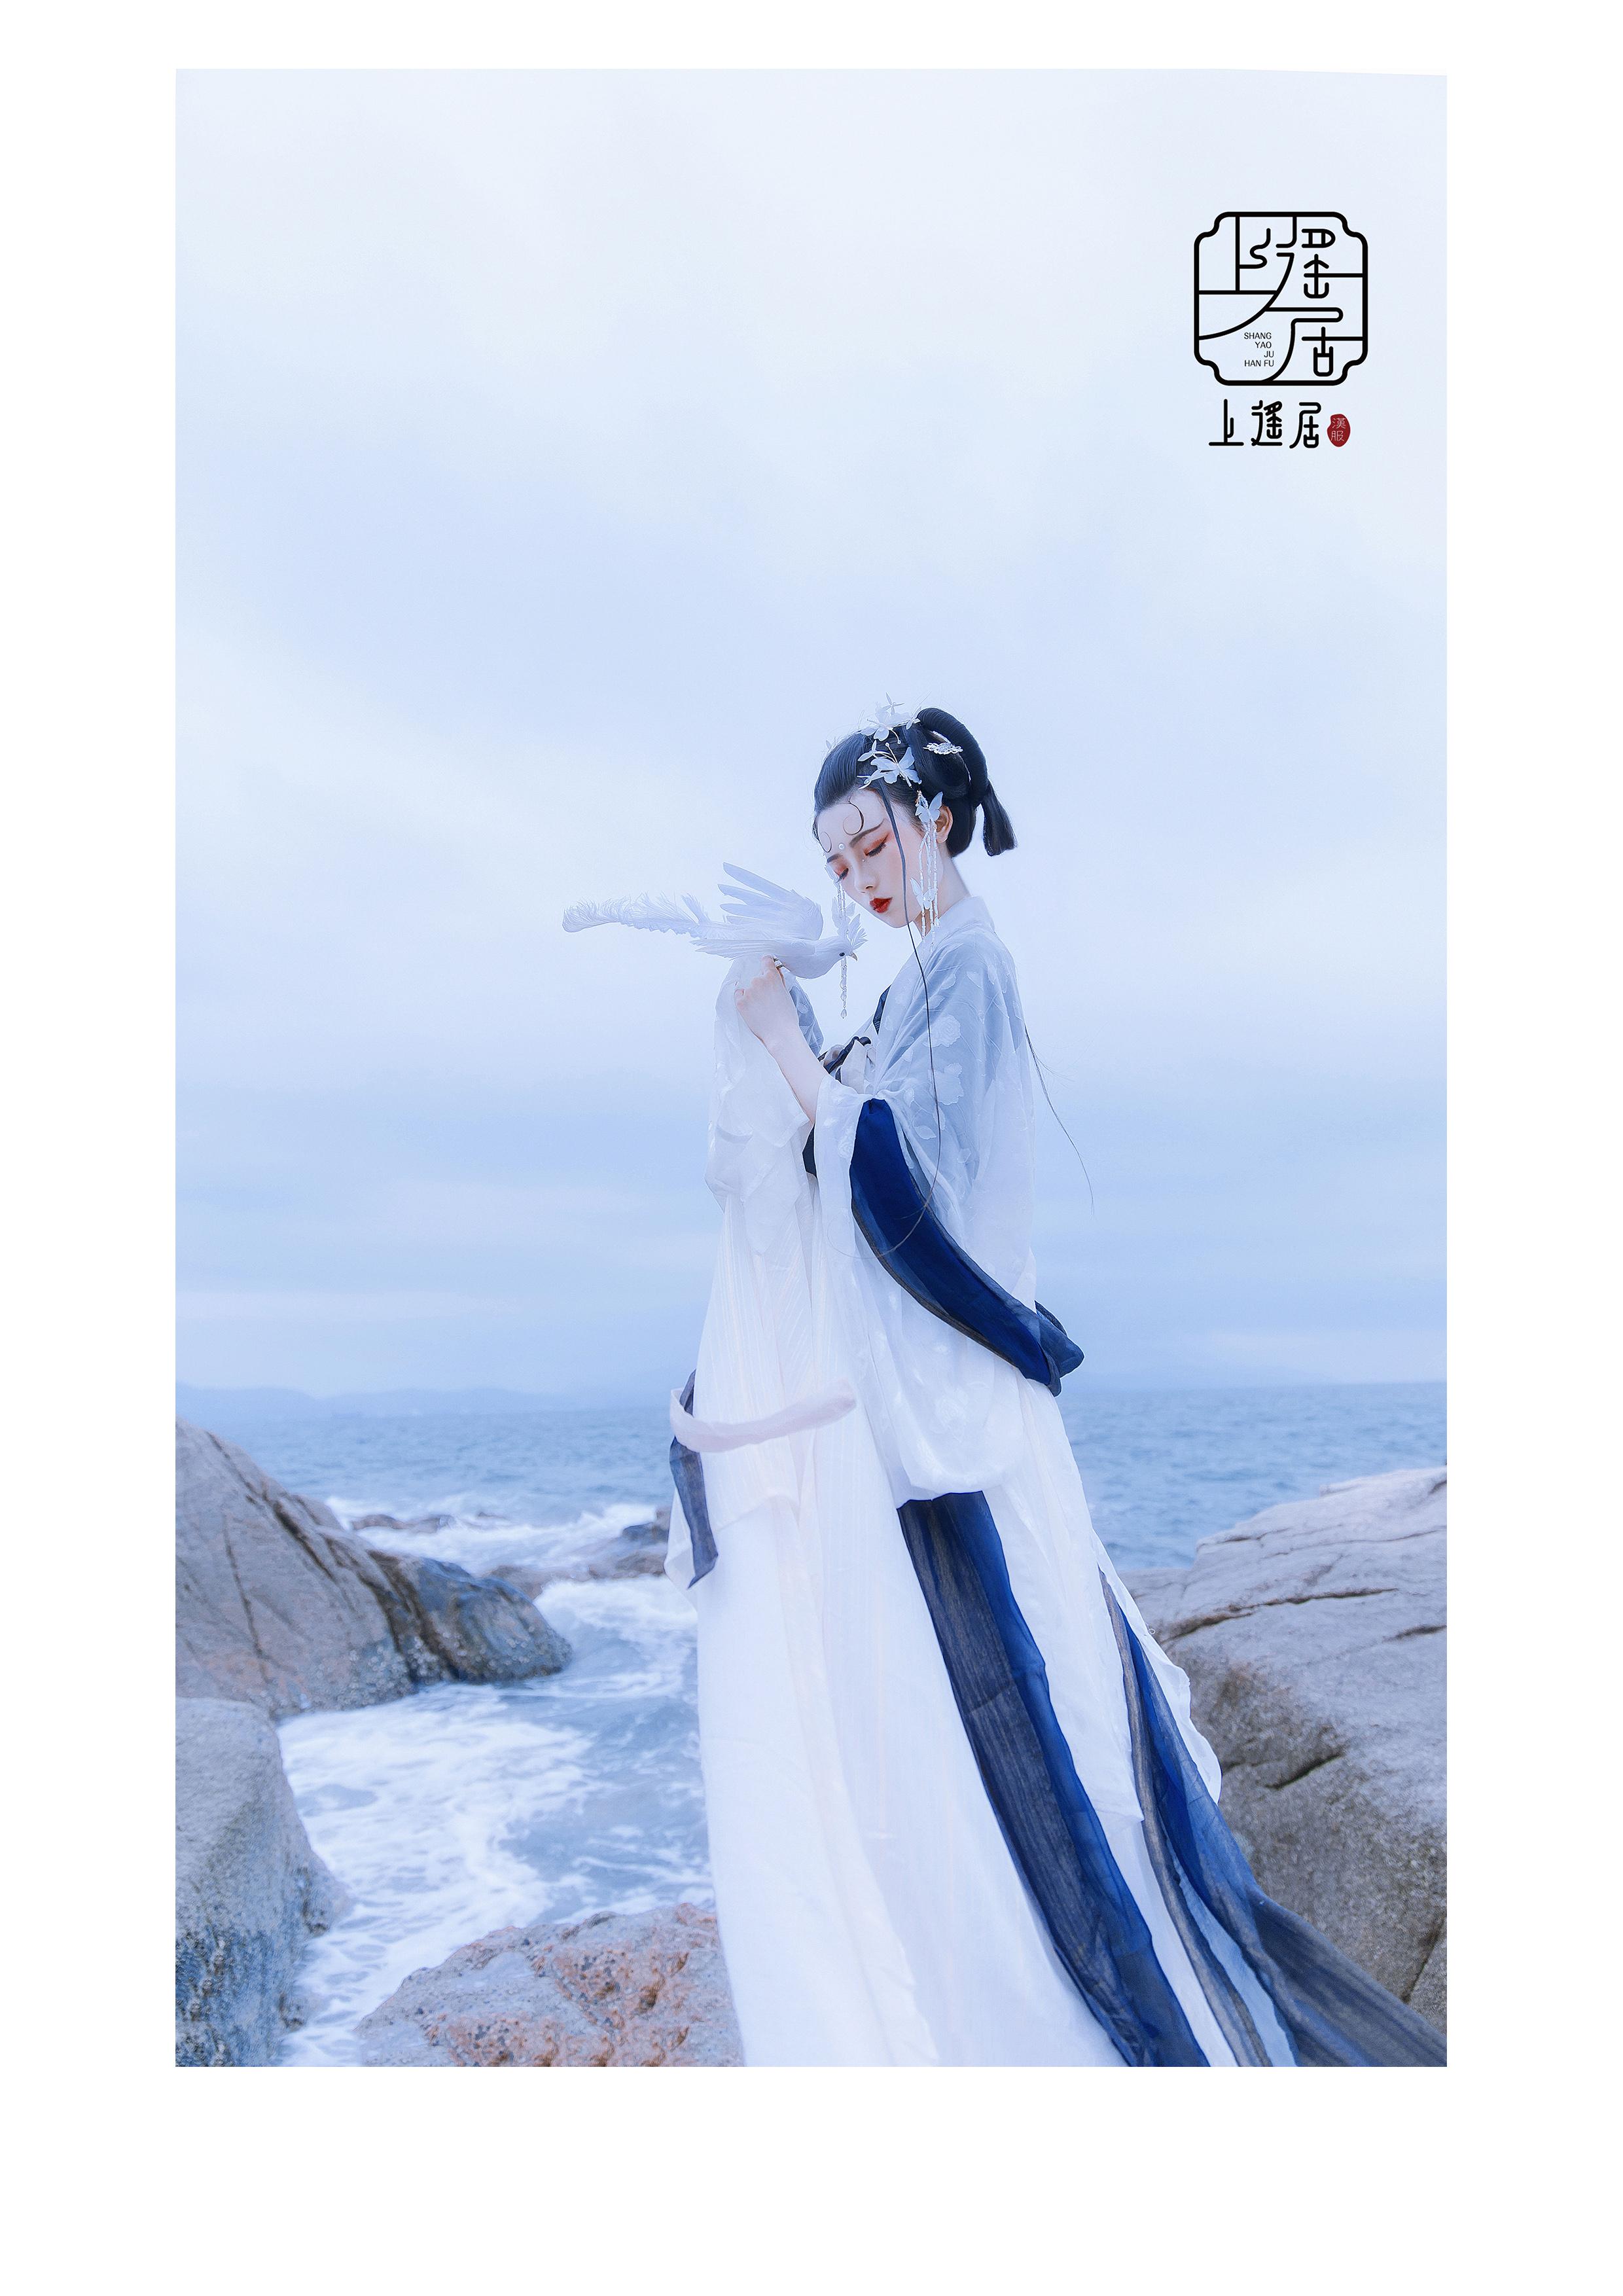 【 верх Remote занимает】Sub-Тянь Nanxiang вышивает части типа Qi Xiongqun куртка Китайск-типа одежды большой втулки беспрокладочная верхняя верх Короткая куртка Китайск-типа【 хвост стиль 】